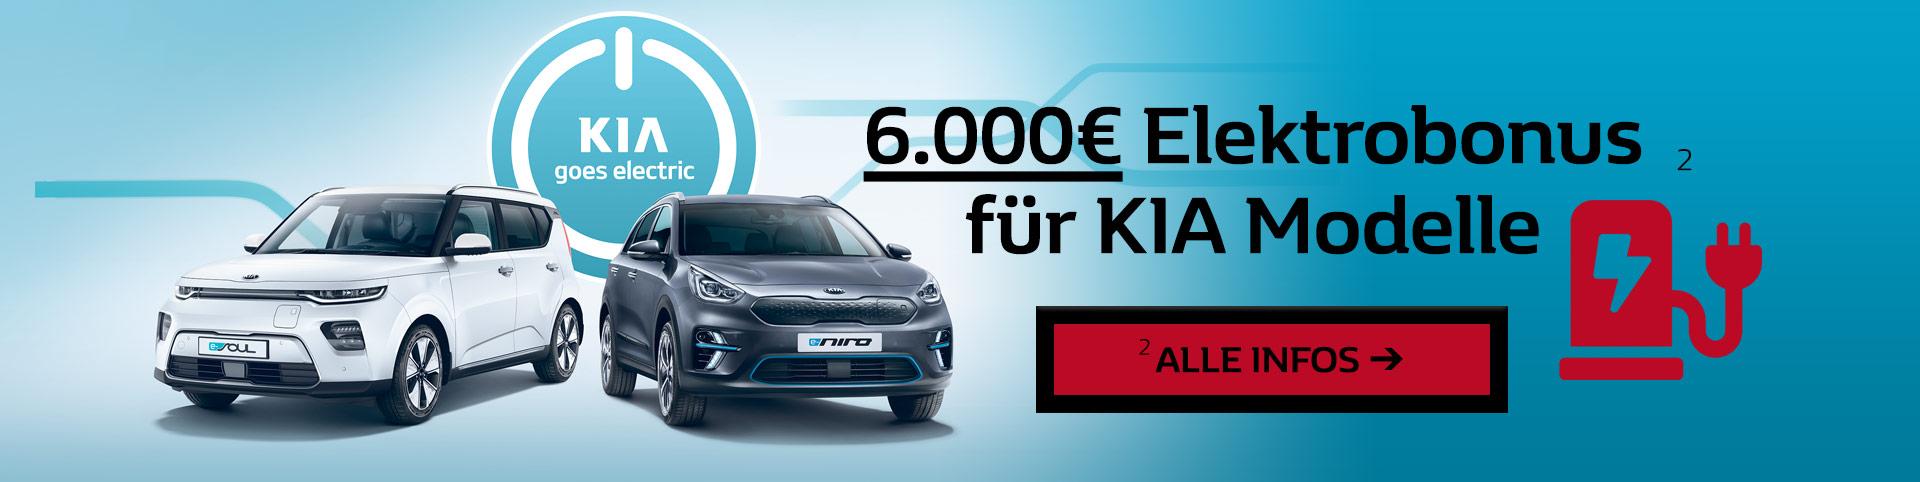 Kia Elektrobonus 6000 Euro